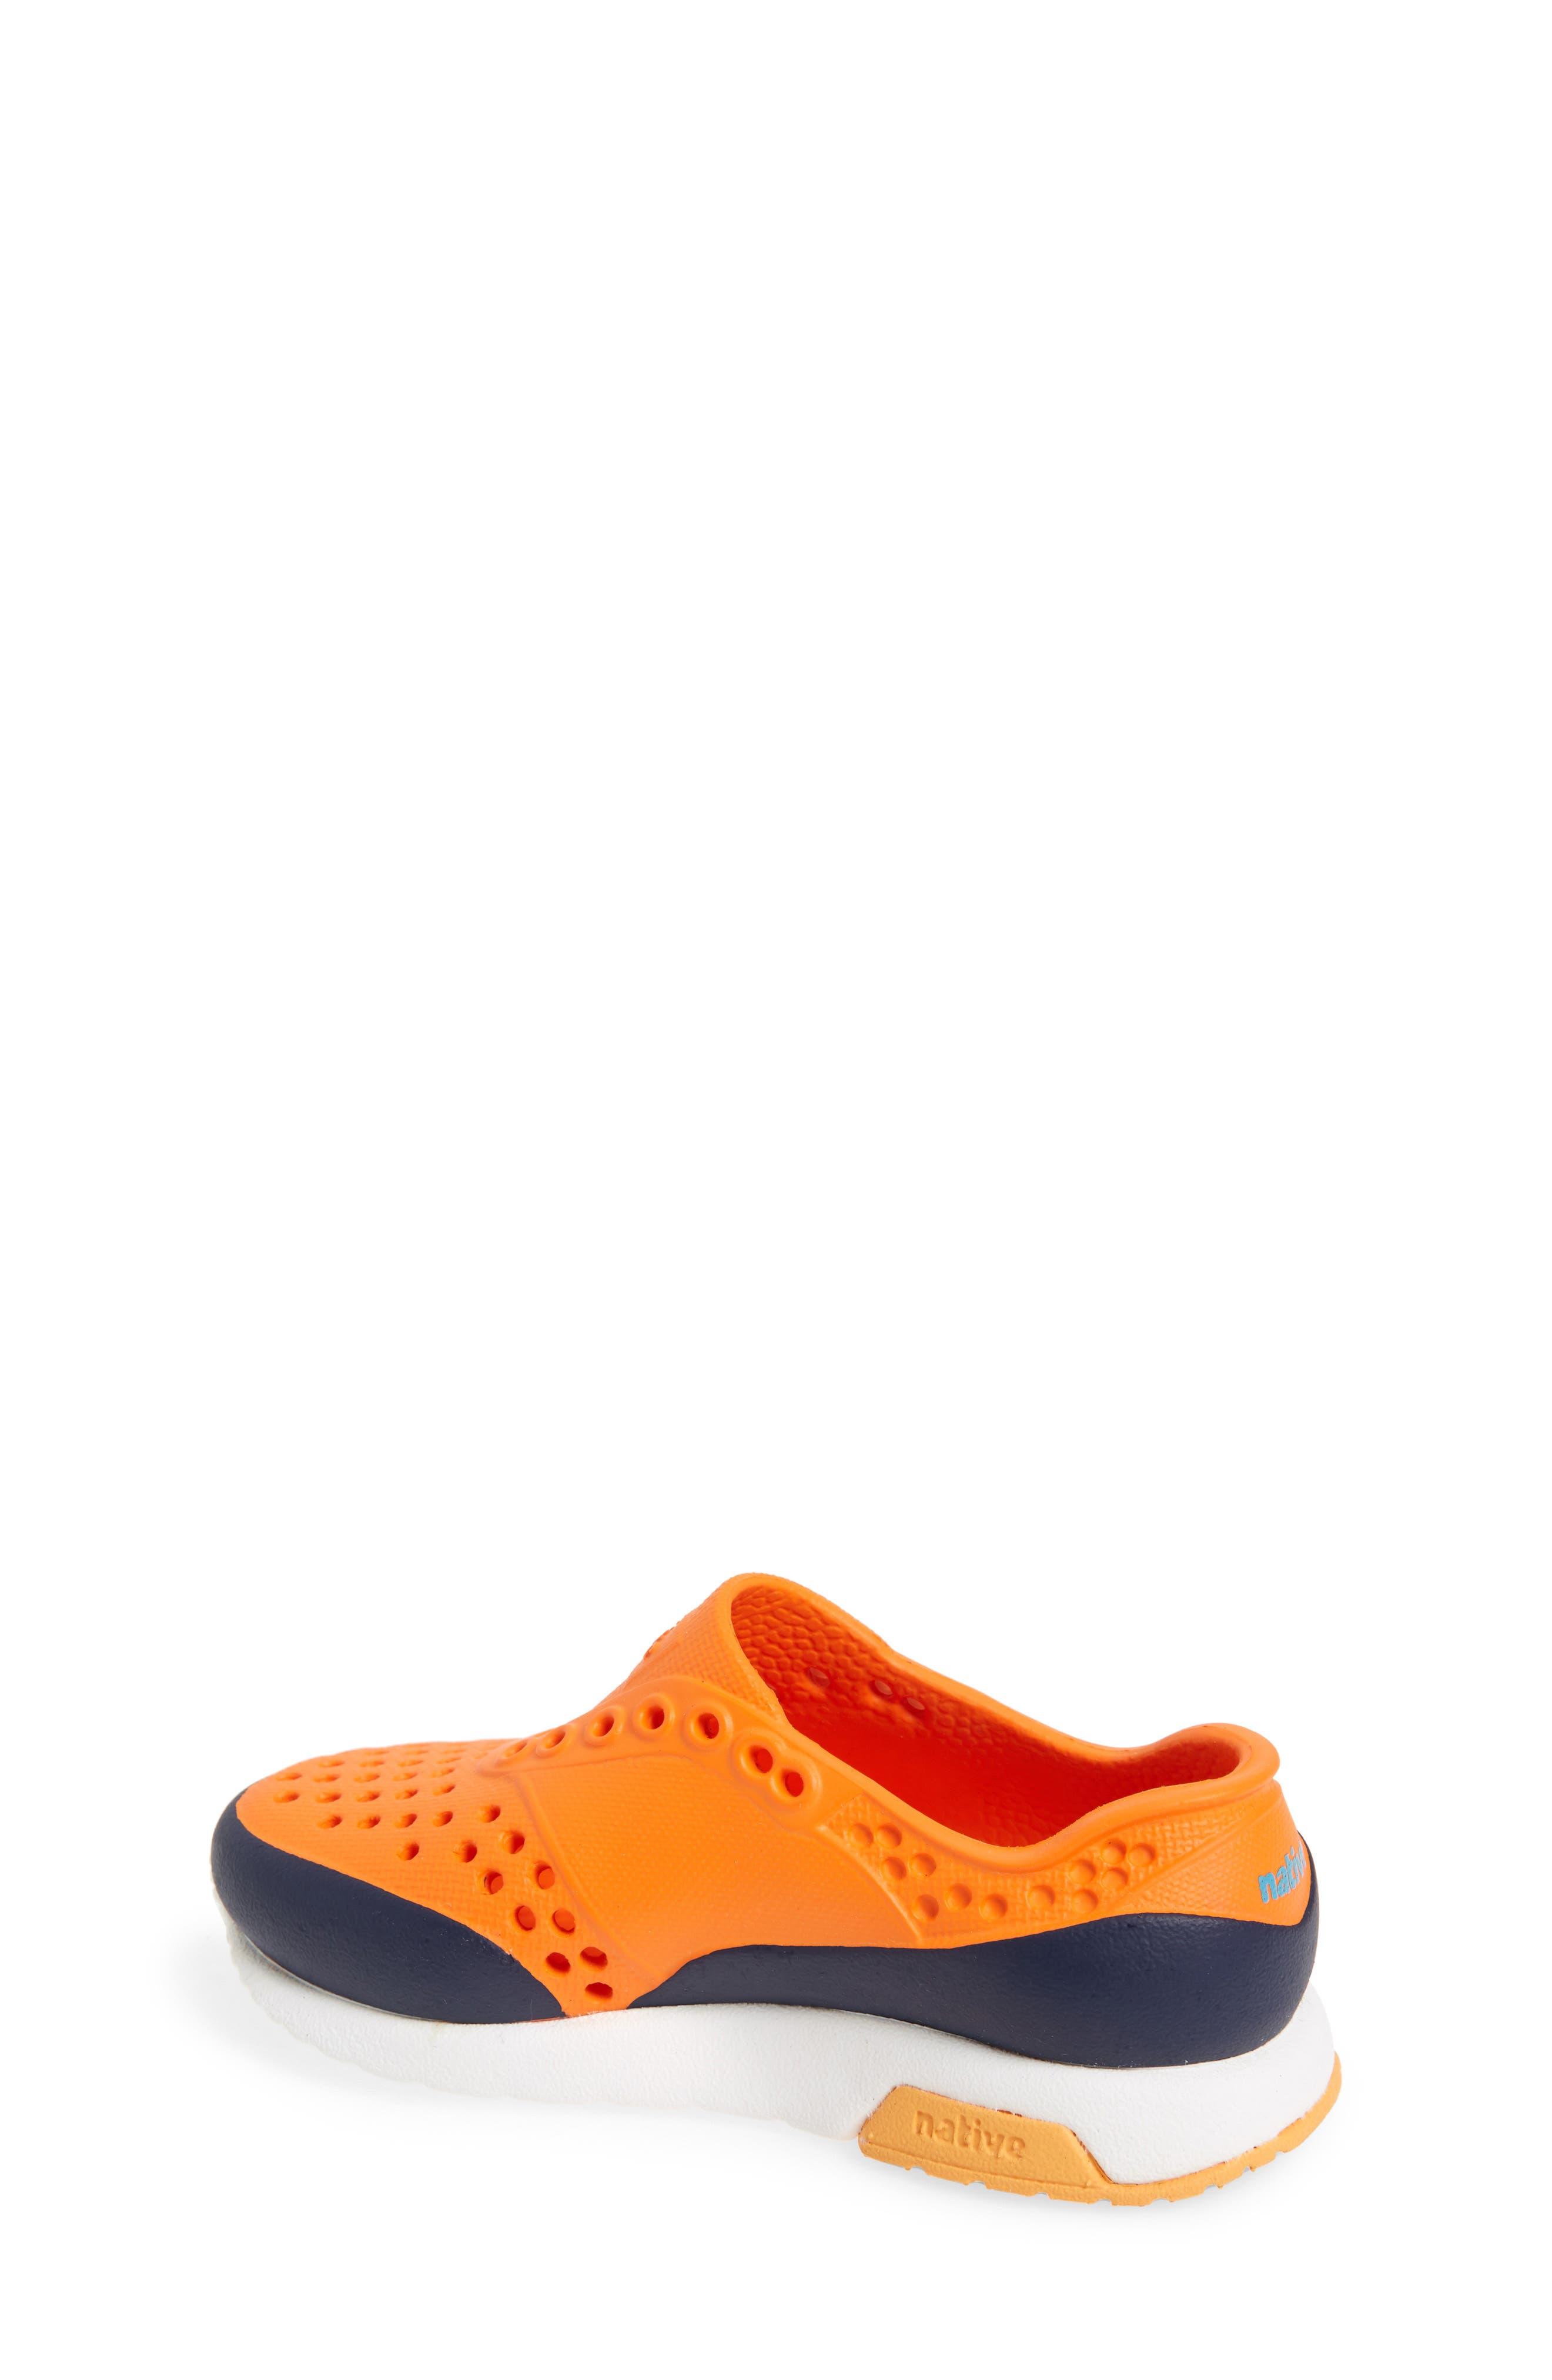 Lennox Block Slip-On Sneaker,                             Alternate thumbnail 2, color,                             Sunset Orange/ White/ Blue